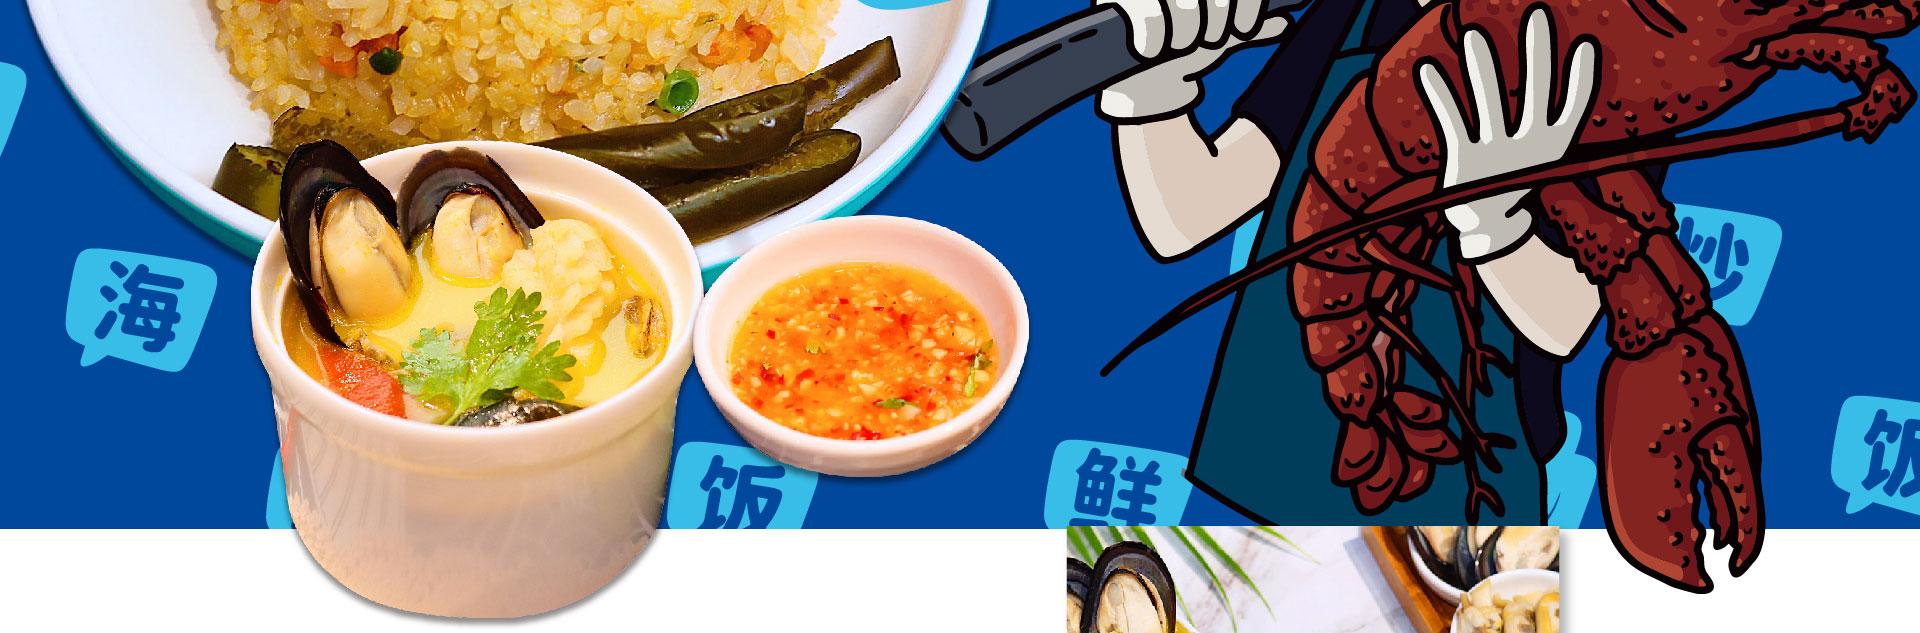 领鲜大叔海鲜炒饭lxds_02